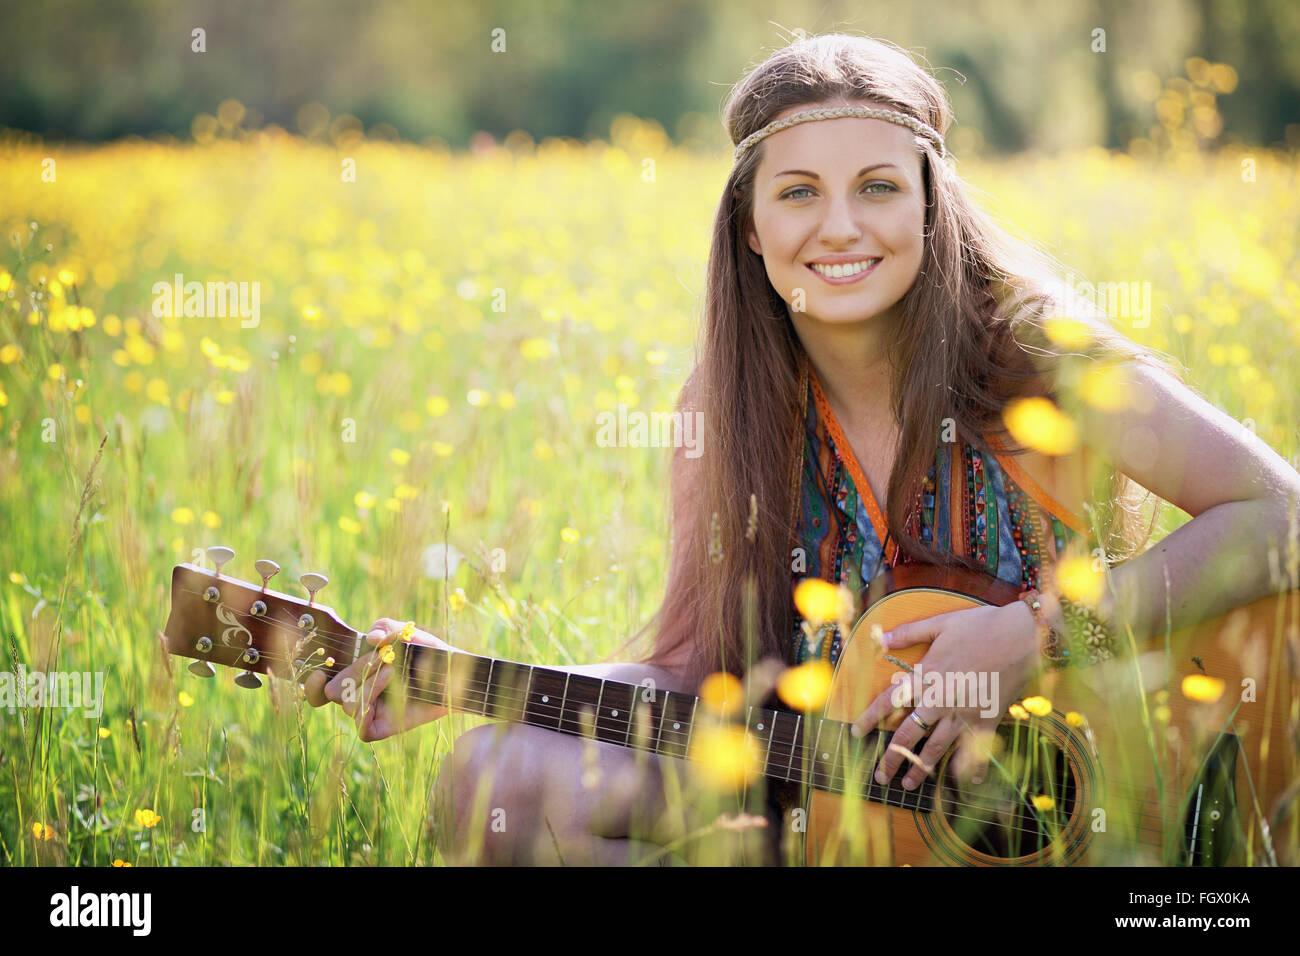 Happy hippie woman smiling. La liberté et l'harmonie Photo Stock